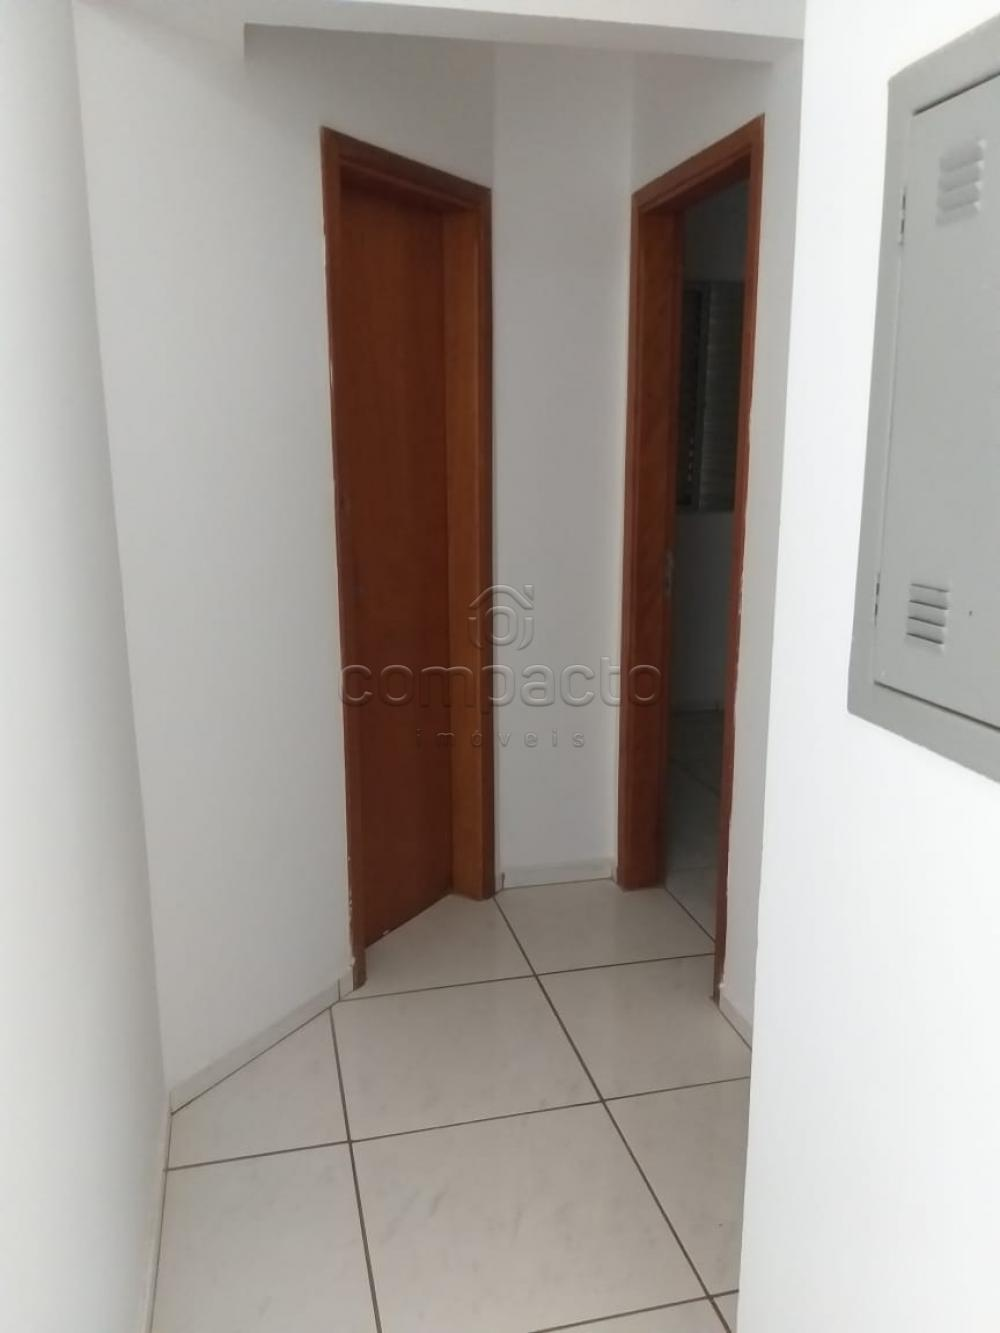 Alugar Apartamento / Padrão em São José do Rio Preto apenas R$ 1.300,00 - Foto 11